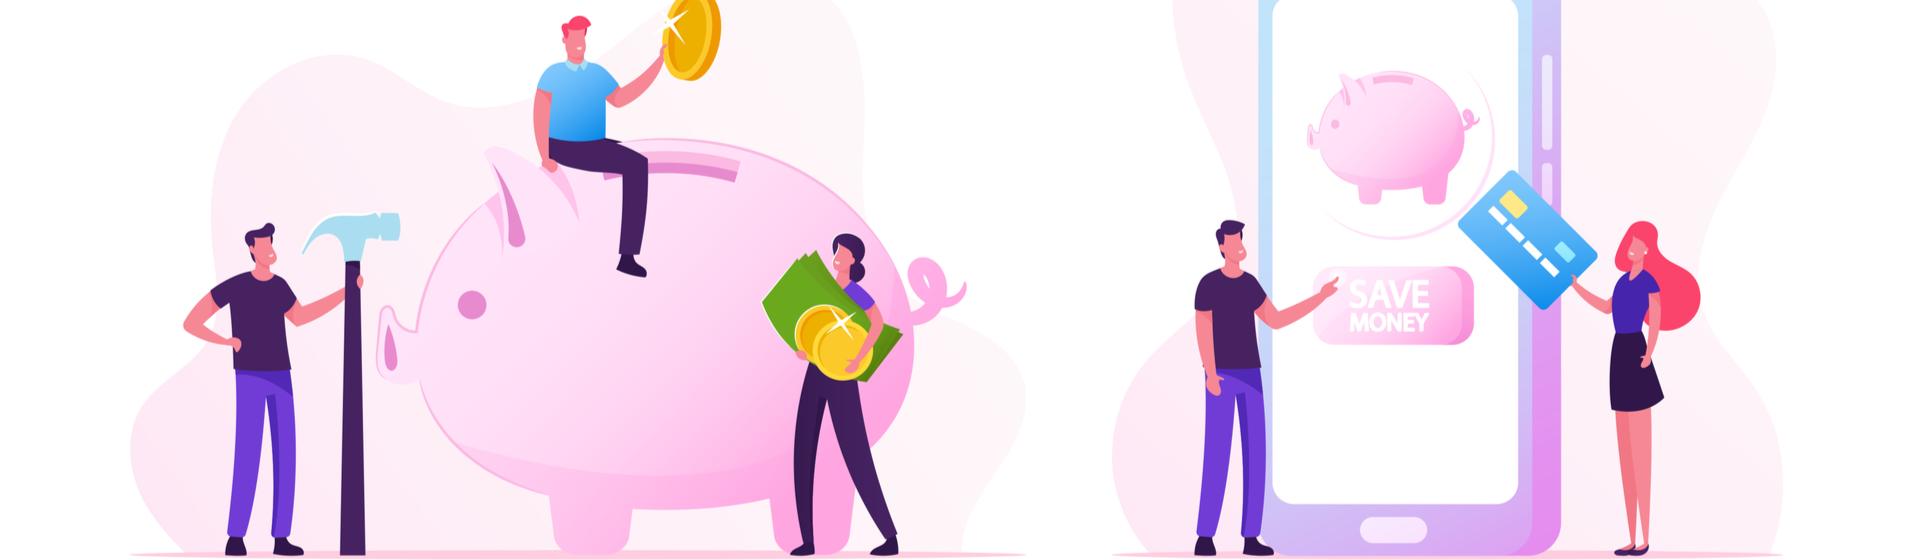 Semana do Brasil 2020: 10 dicas para economizar e fazer boas compras